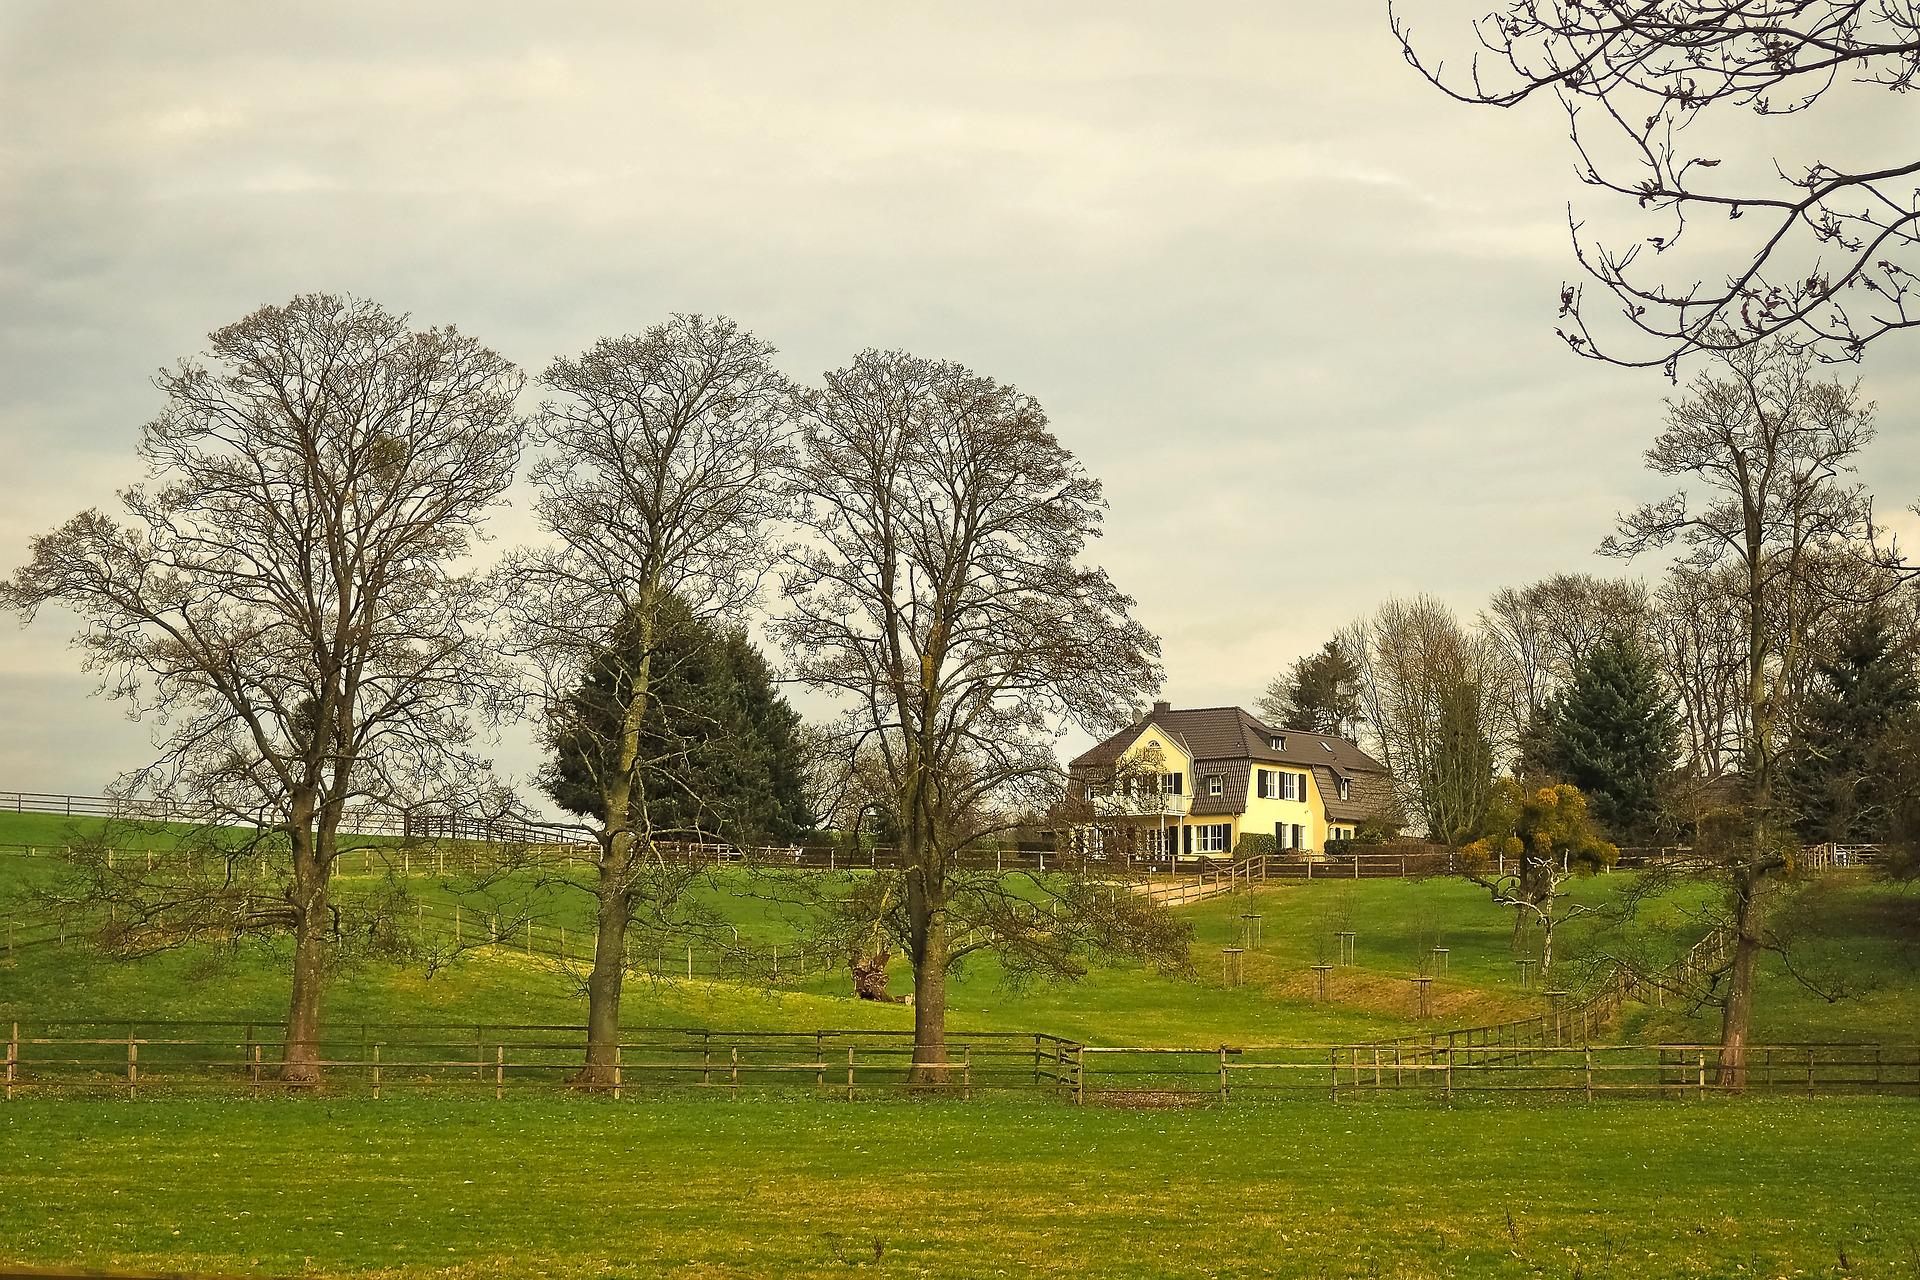 Farm house on land